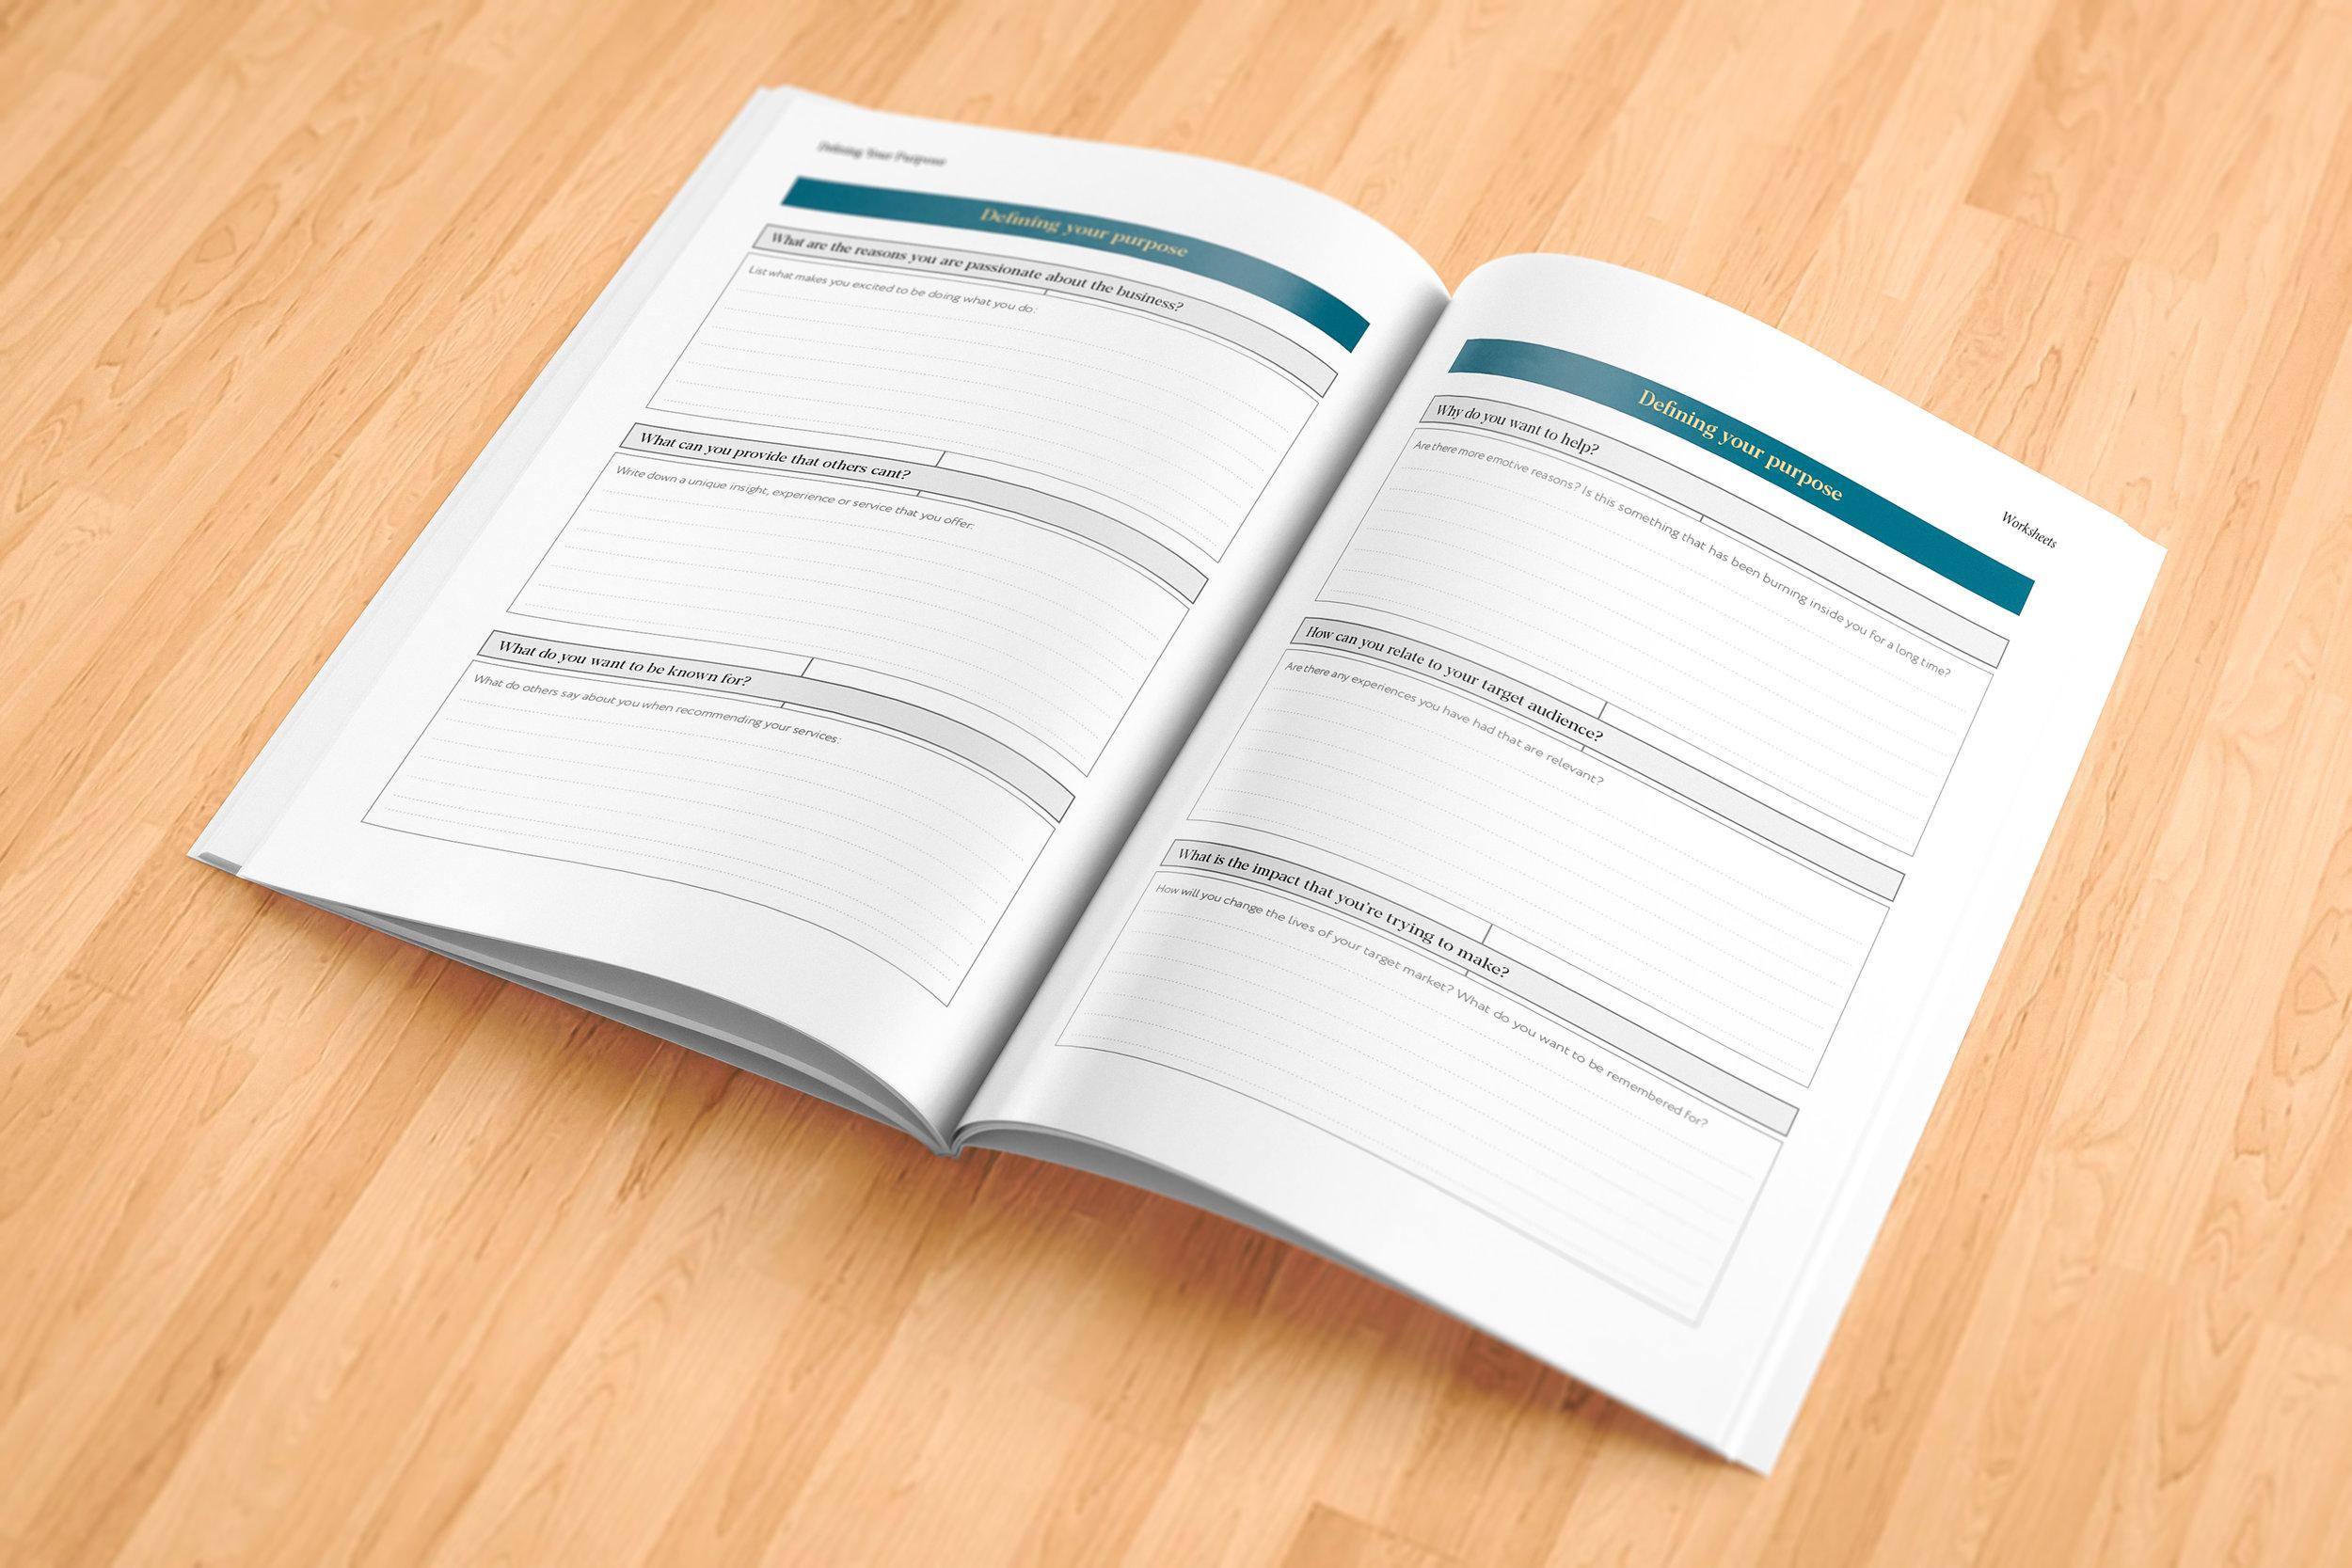 Worksheets-1.jpg